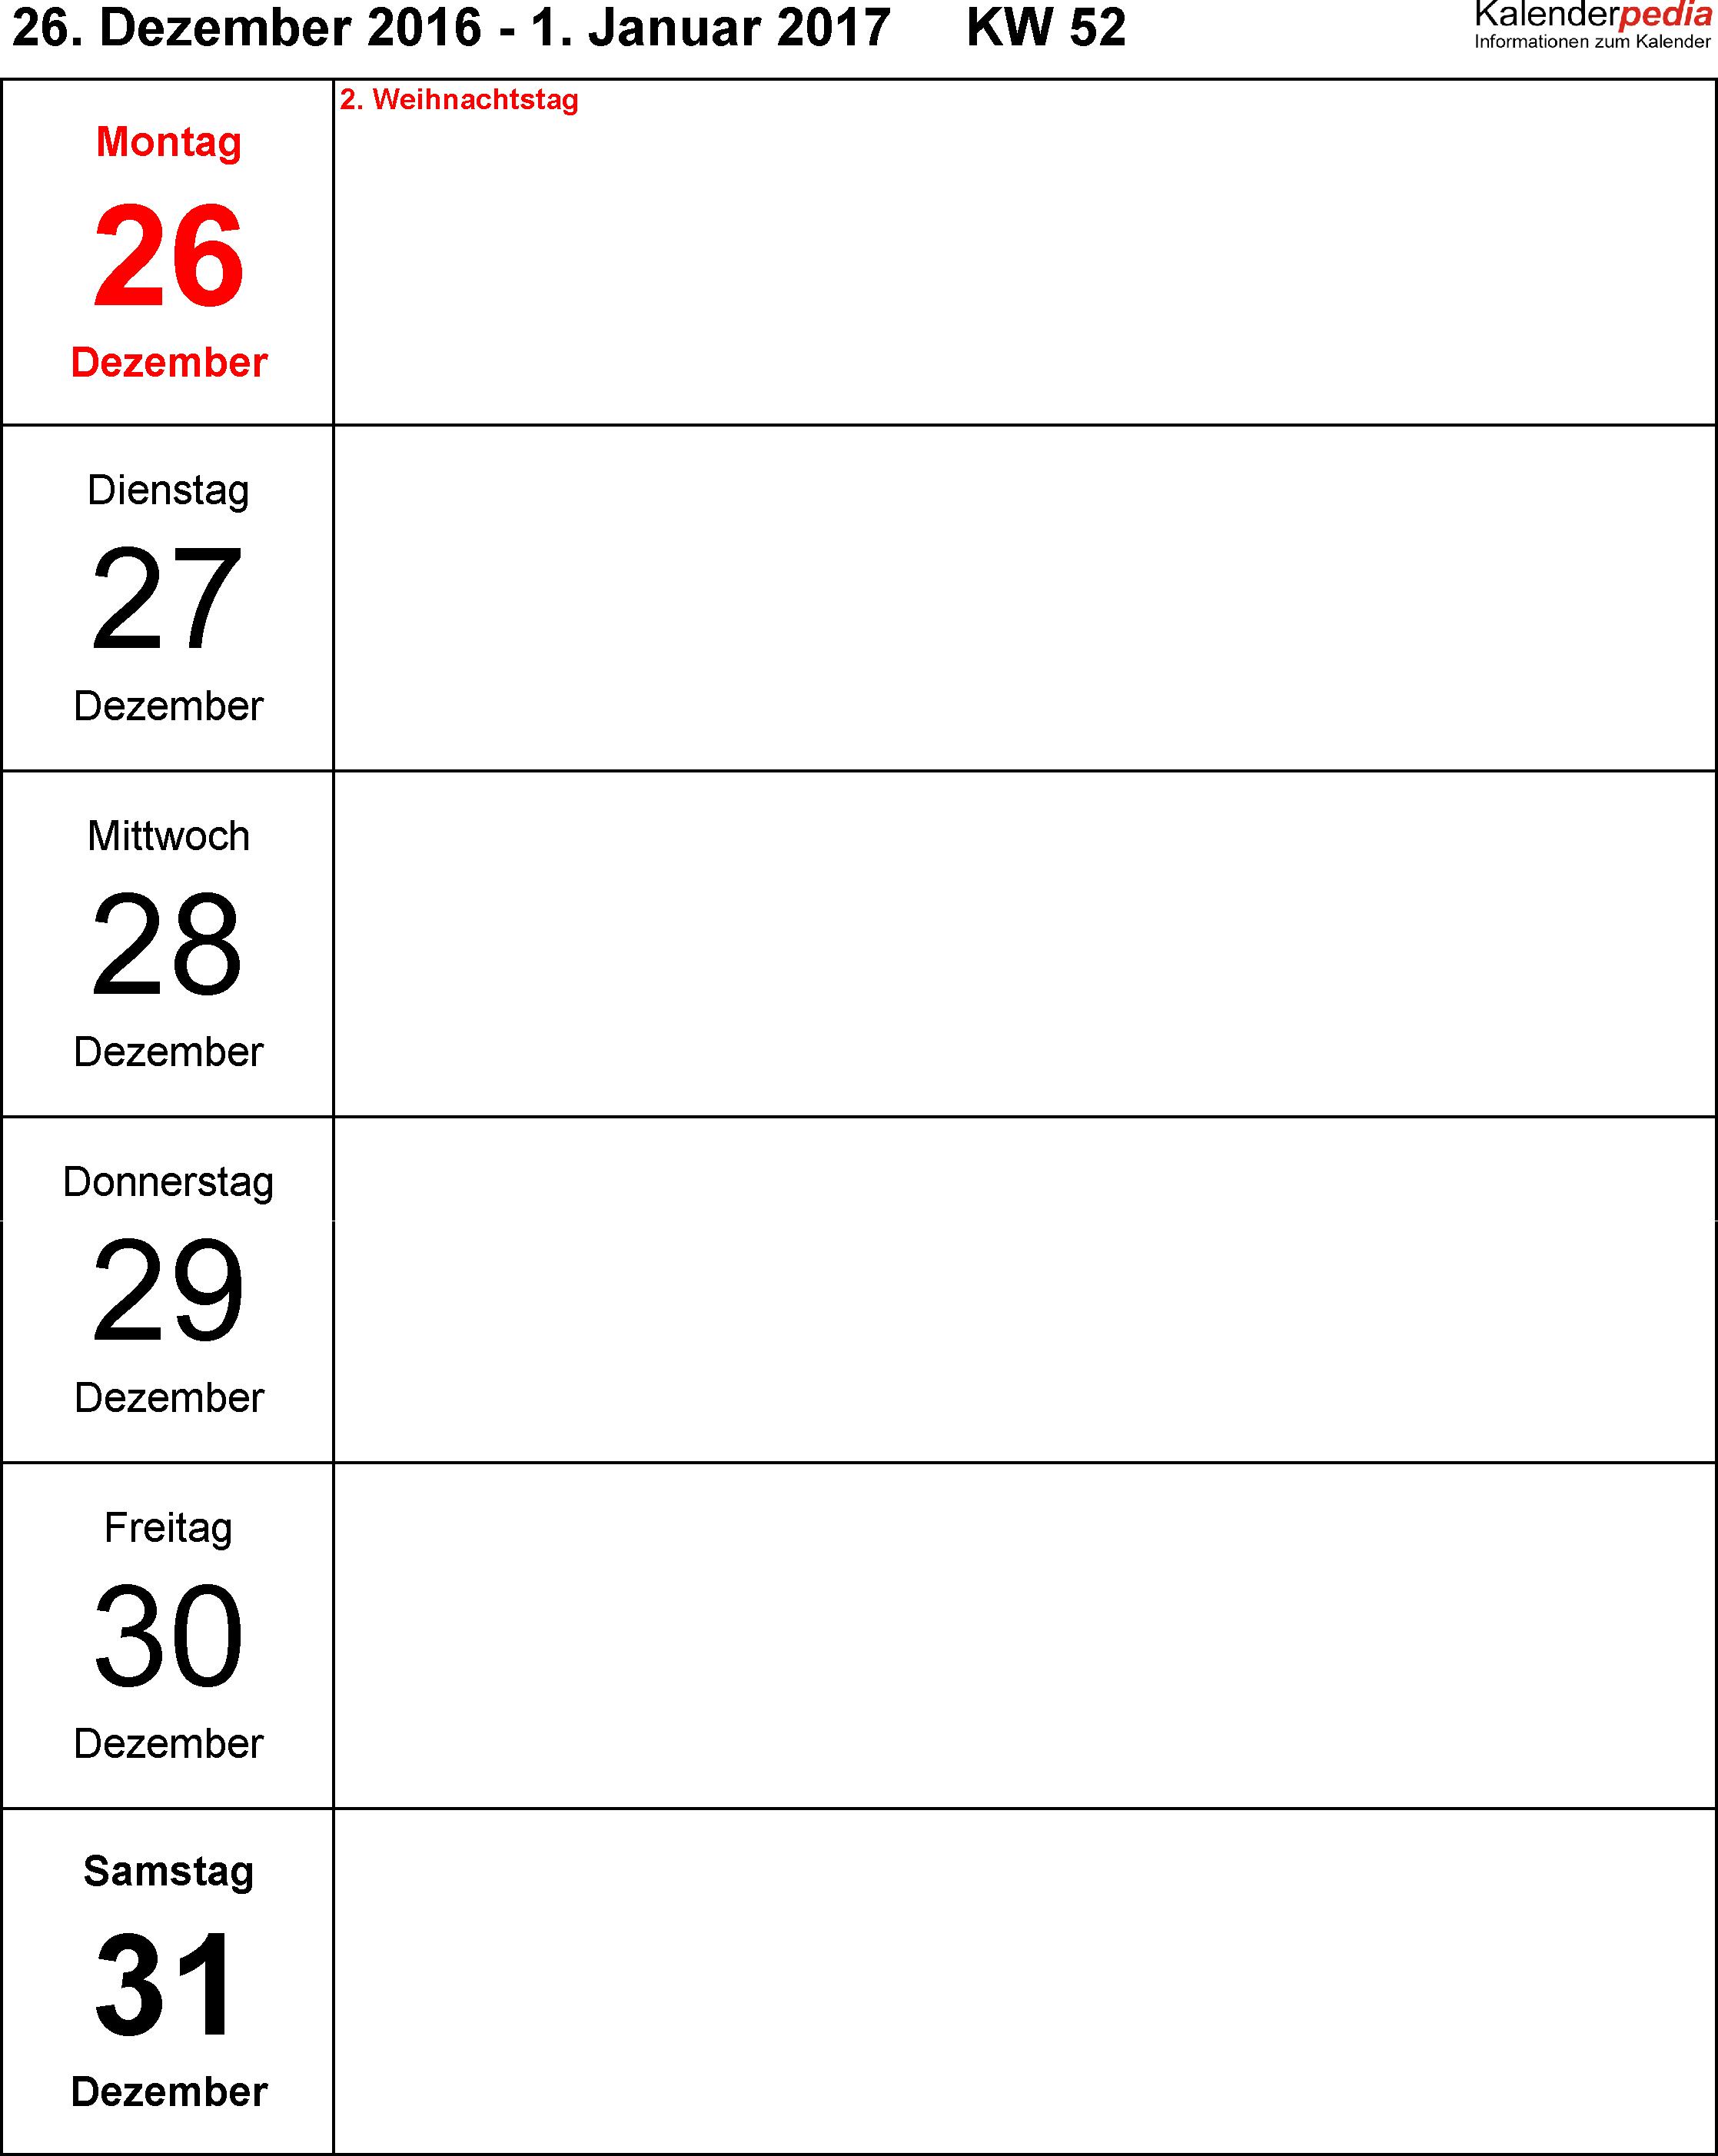 Vorlage 10: Wochenkalender 2017 als PDF-Vorlage, Hochformat, Tage untereinander, 53 Seiten (1 Woche auf 1 Seite)